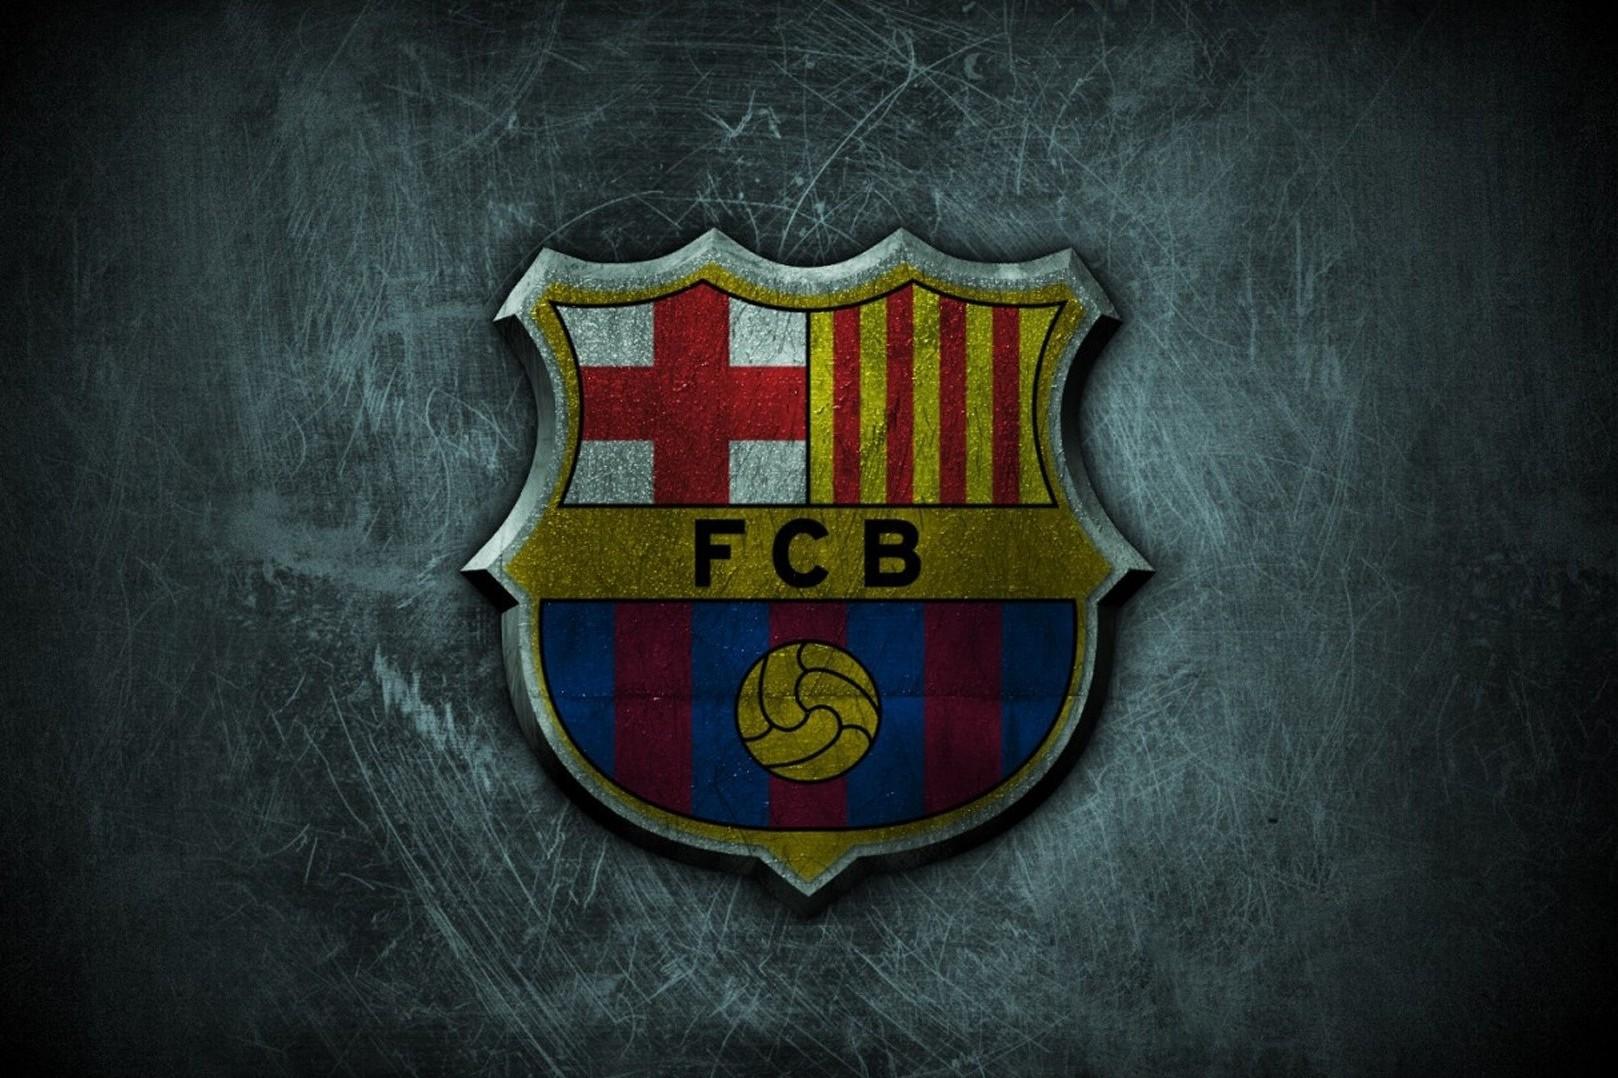 Барселона футбольный клуб испании